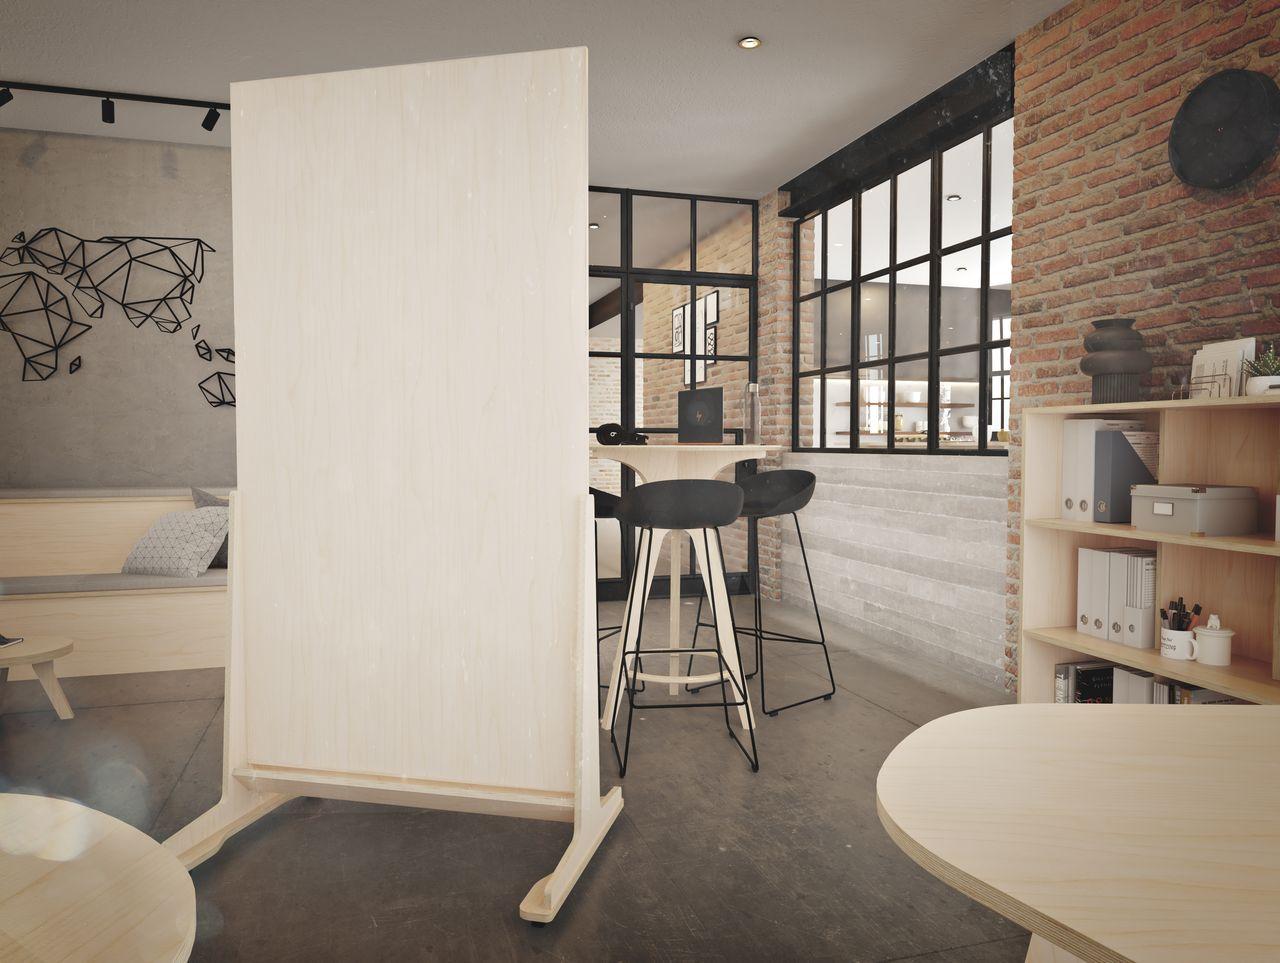 Séparateur en bois disposé entre un espace déjeuner et un espace détente au style et ambiance industriel